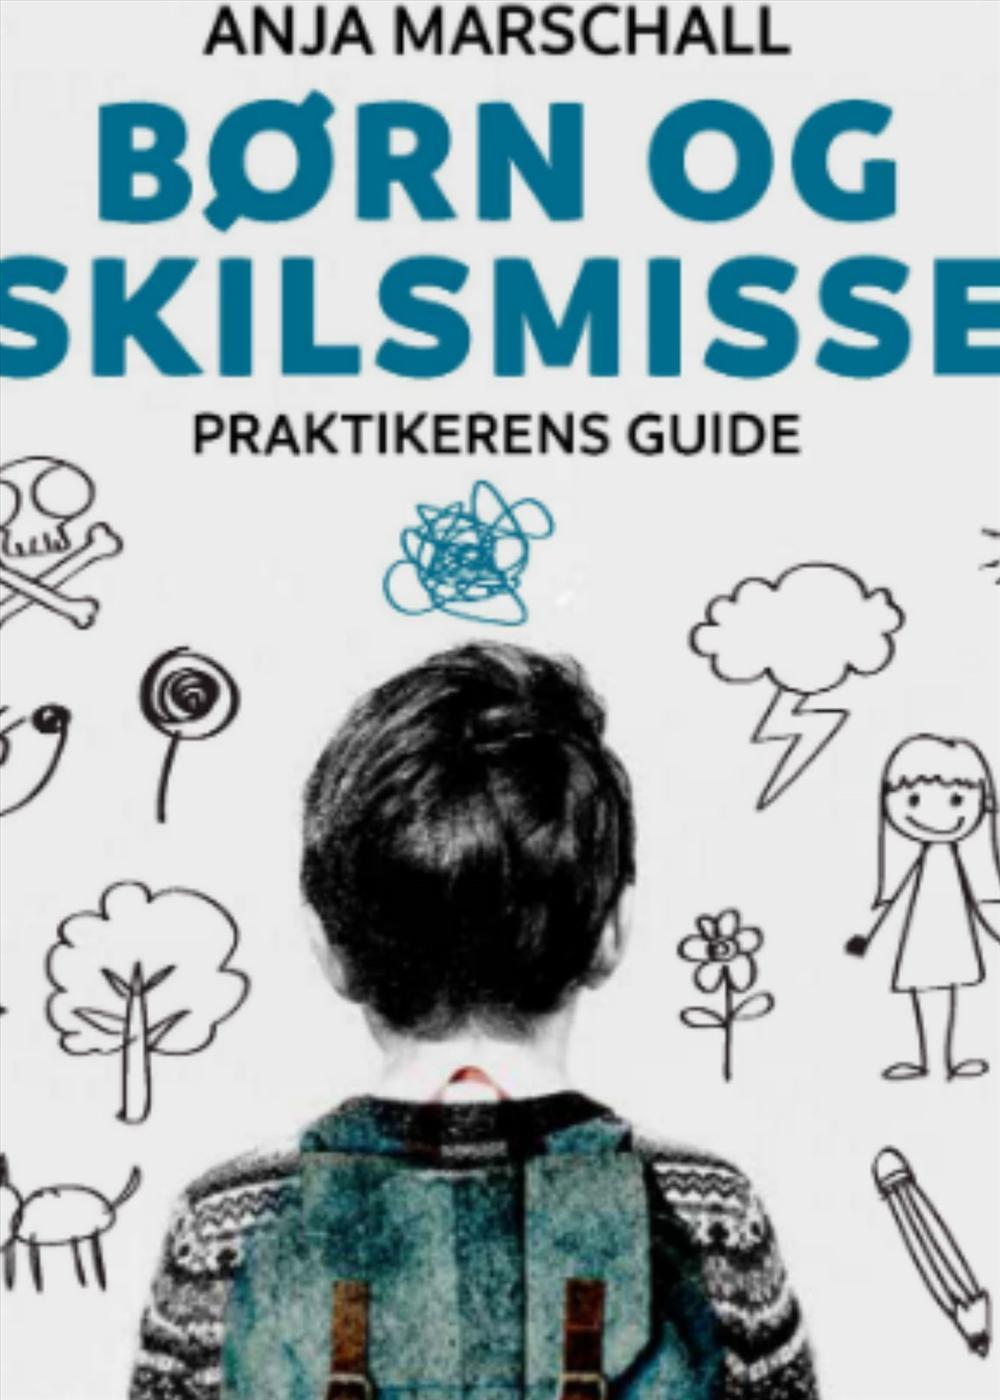 Børn og skilsmisse - Anja Marschall - Bøger - Samfundslitteratur - 9788759329061 - 15. december 2016